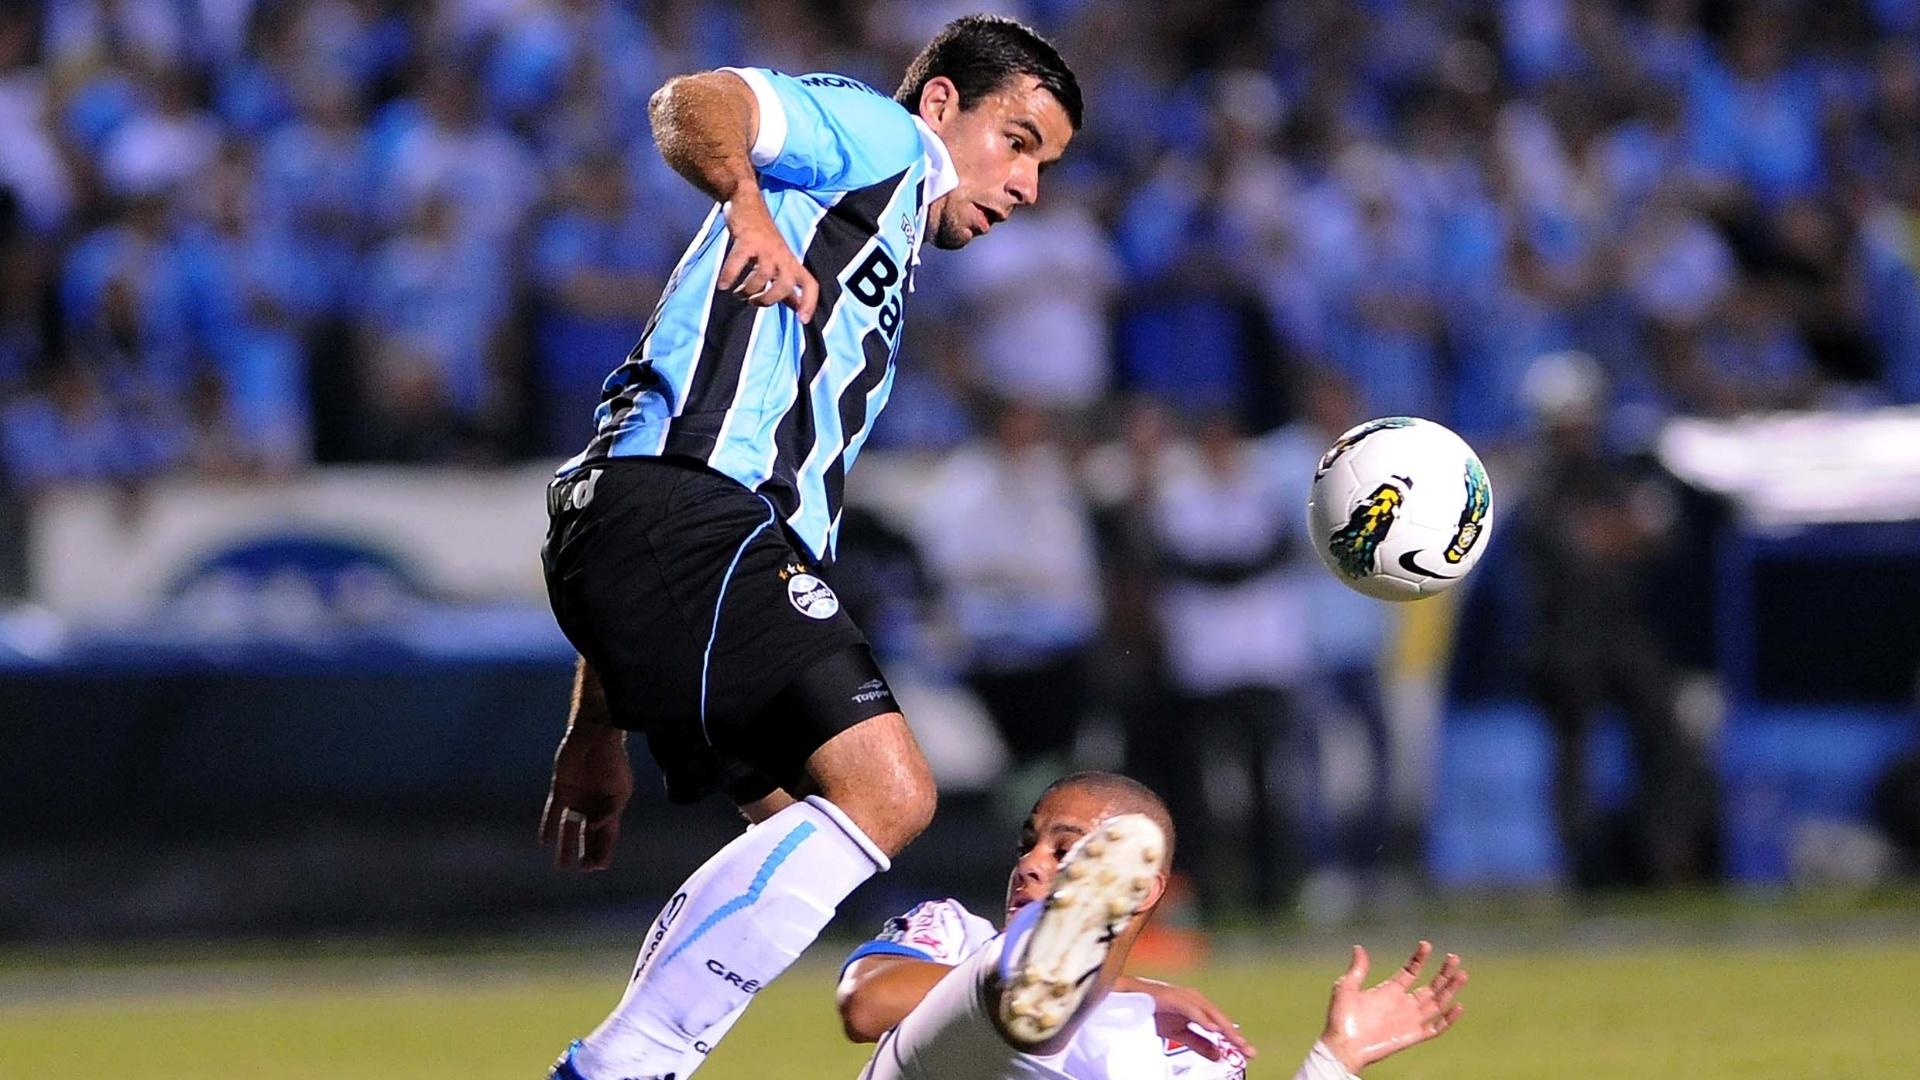 Atacante André Lima tenta controlar a bola durante jogo contra o Fortaleza